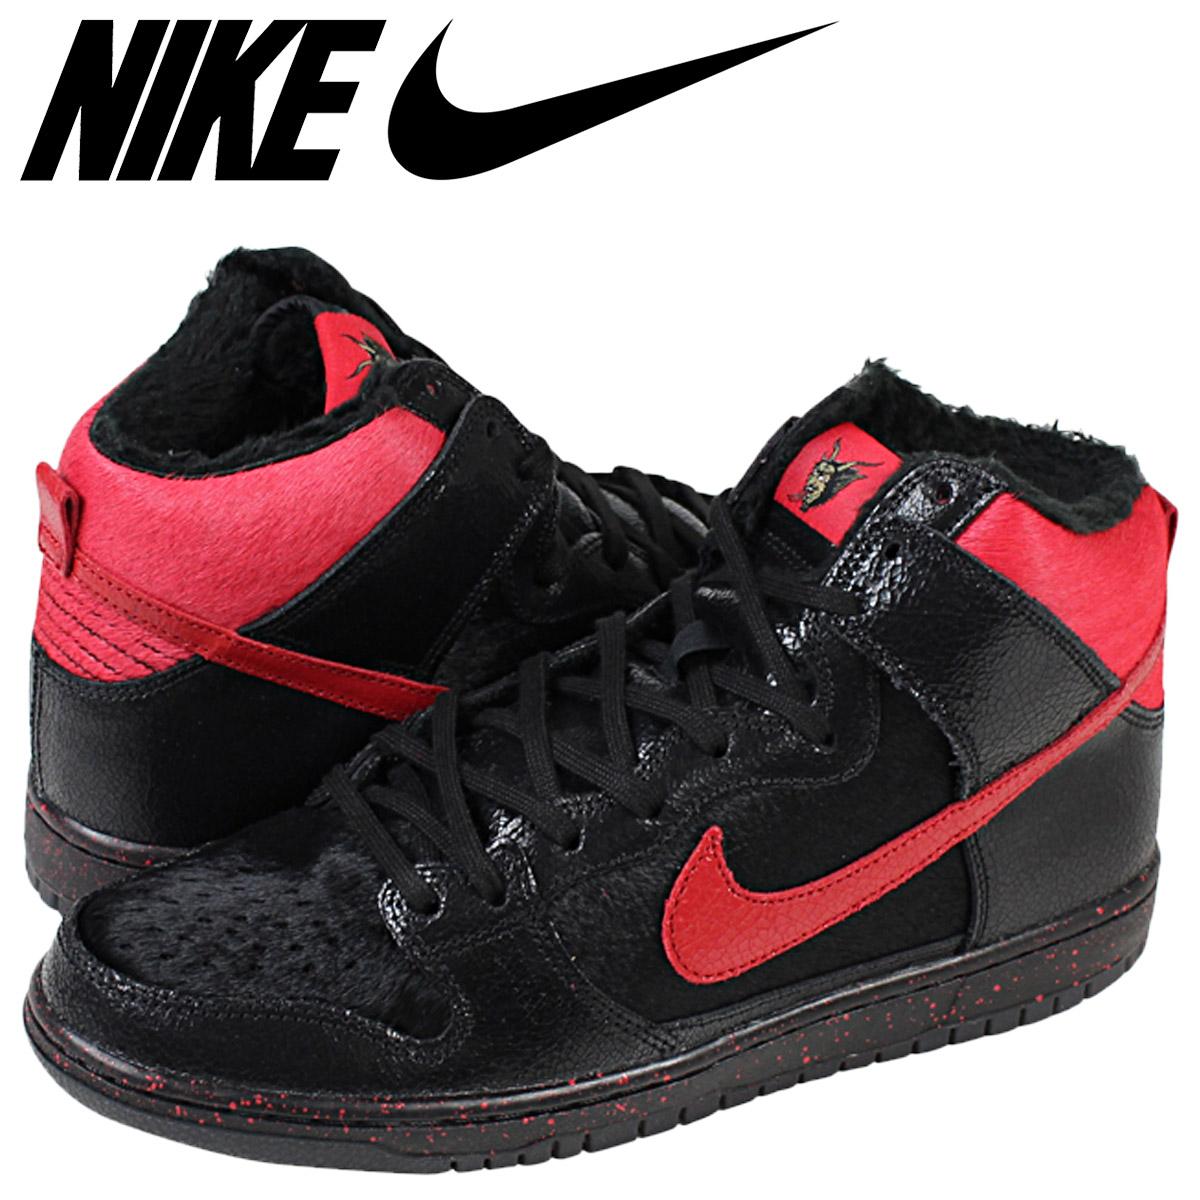 info for b56d3 44a2b NIKE SB Nike Dunk sneakers DUNK HI PRO PREMIUM SB KRAMPUS 554673-006 black  mens